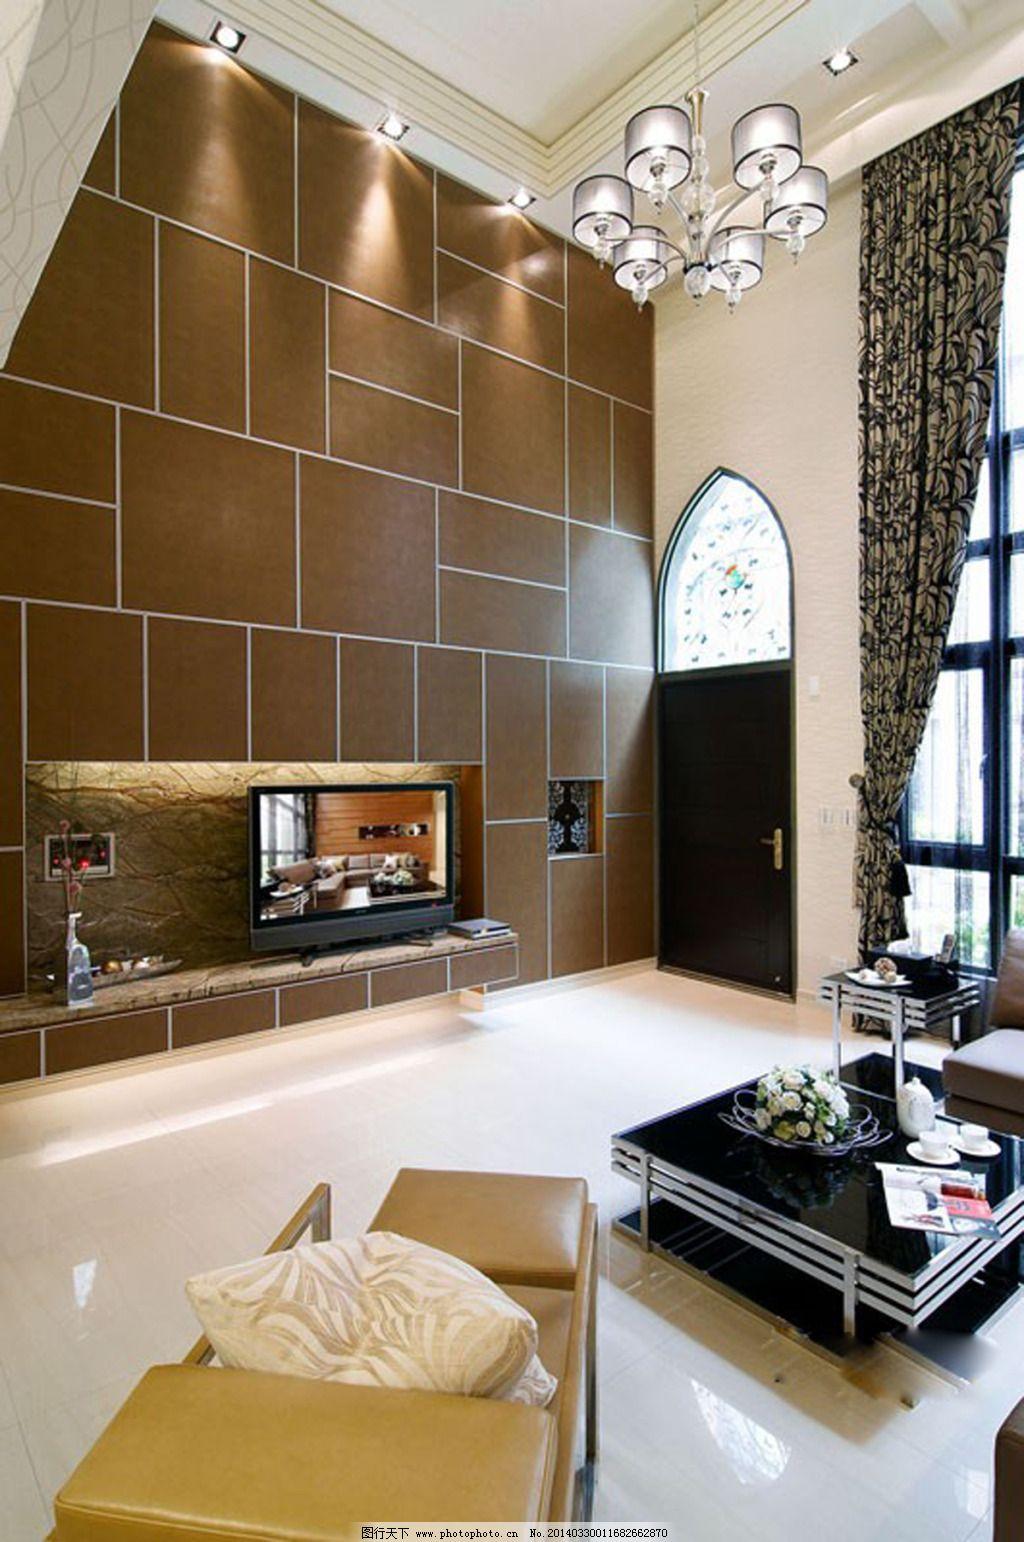 客厅效果图素材 客厅效果图素材免费下载 摆设 布置 厨房 家电